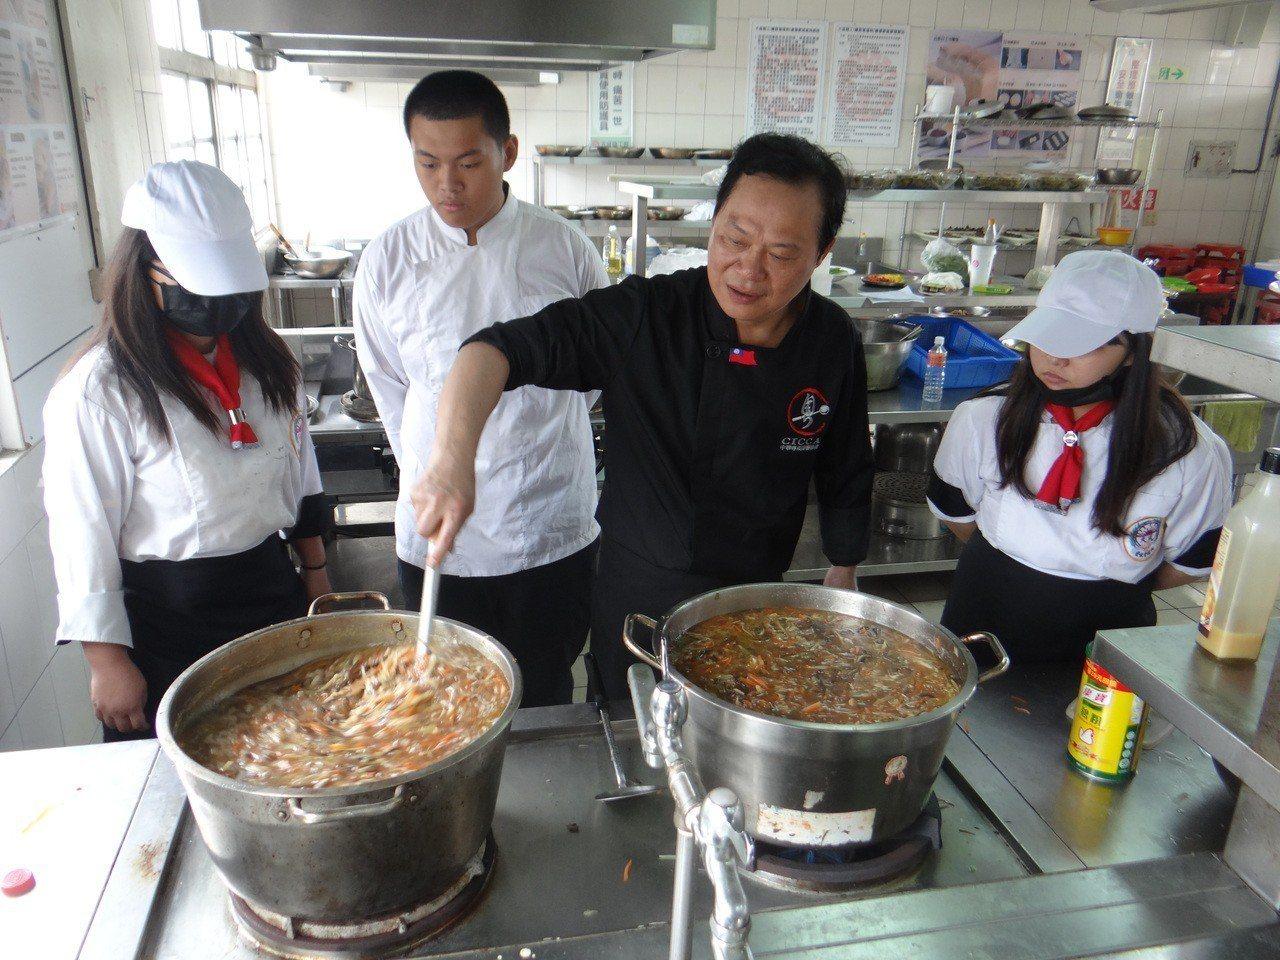 國宴主廚駱冠毓教學生烹煮台西鴨肉焿的技巧。記者蔡維斌/攝影